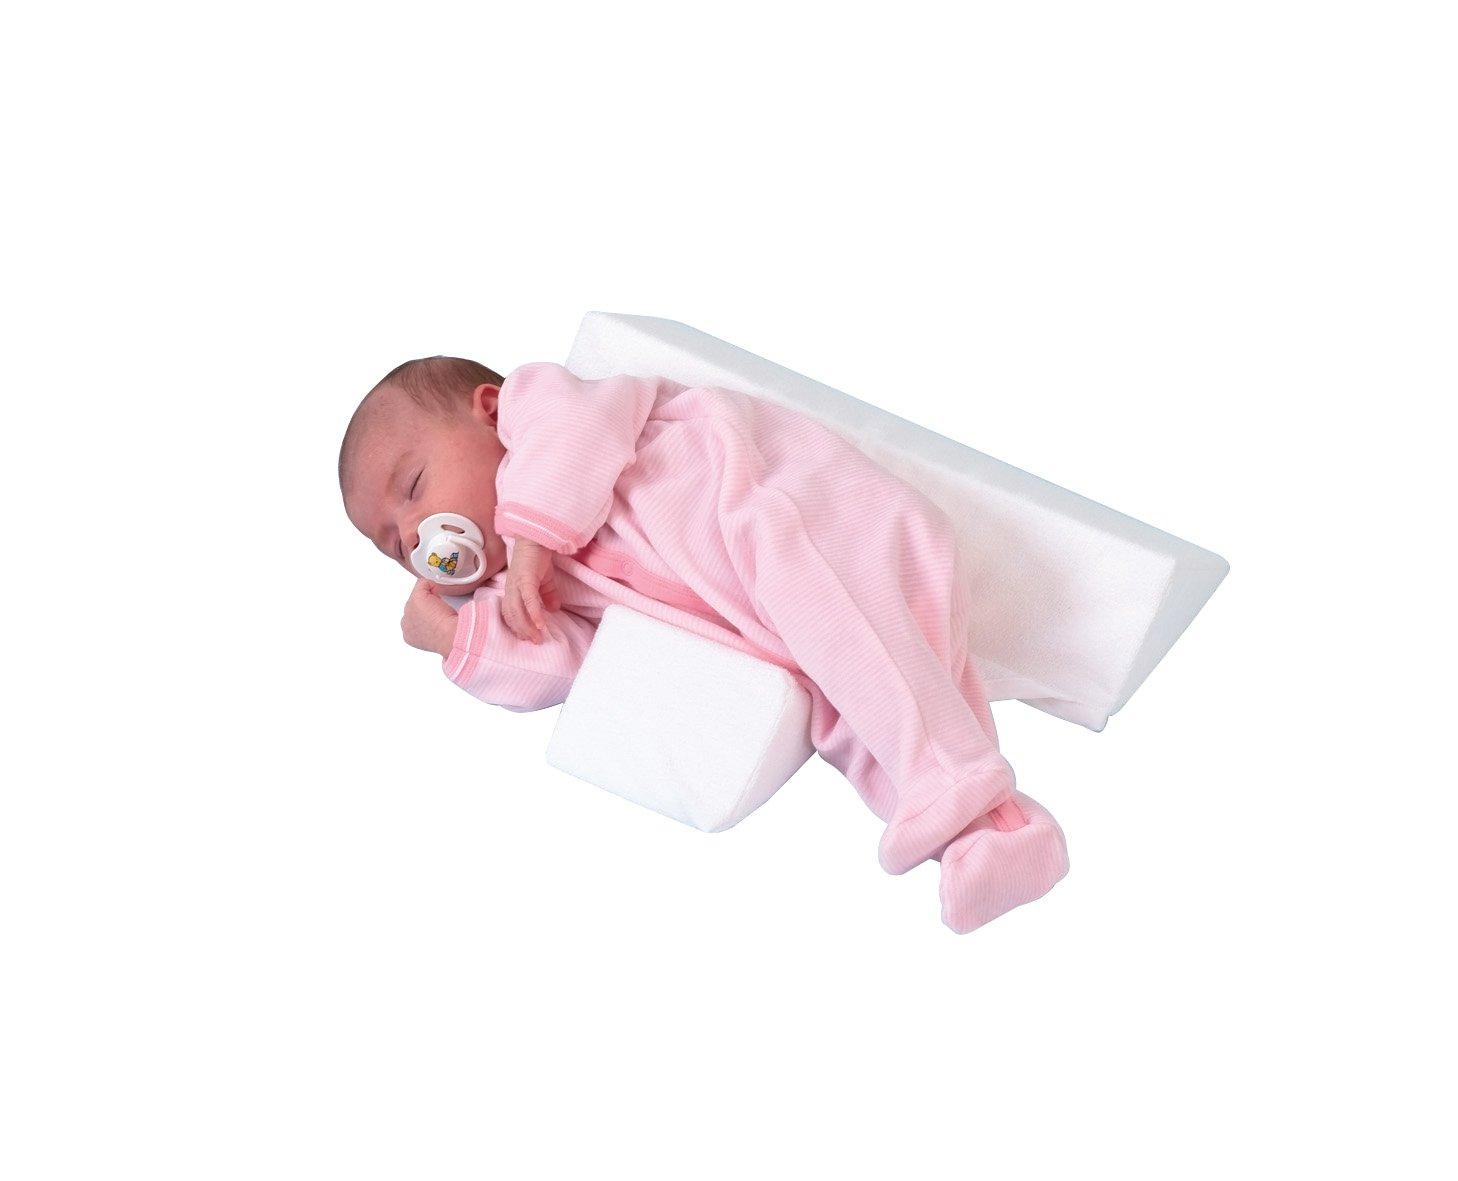 Babykopfkissen Test Keil